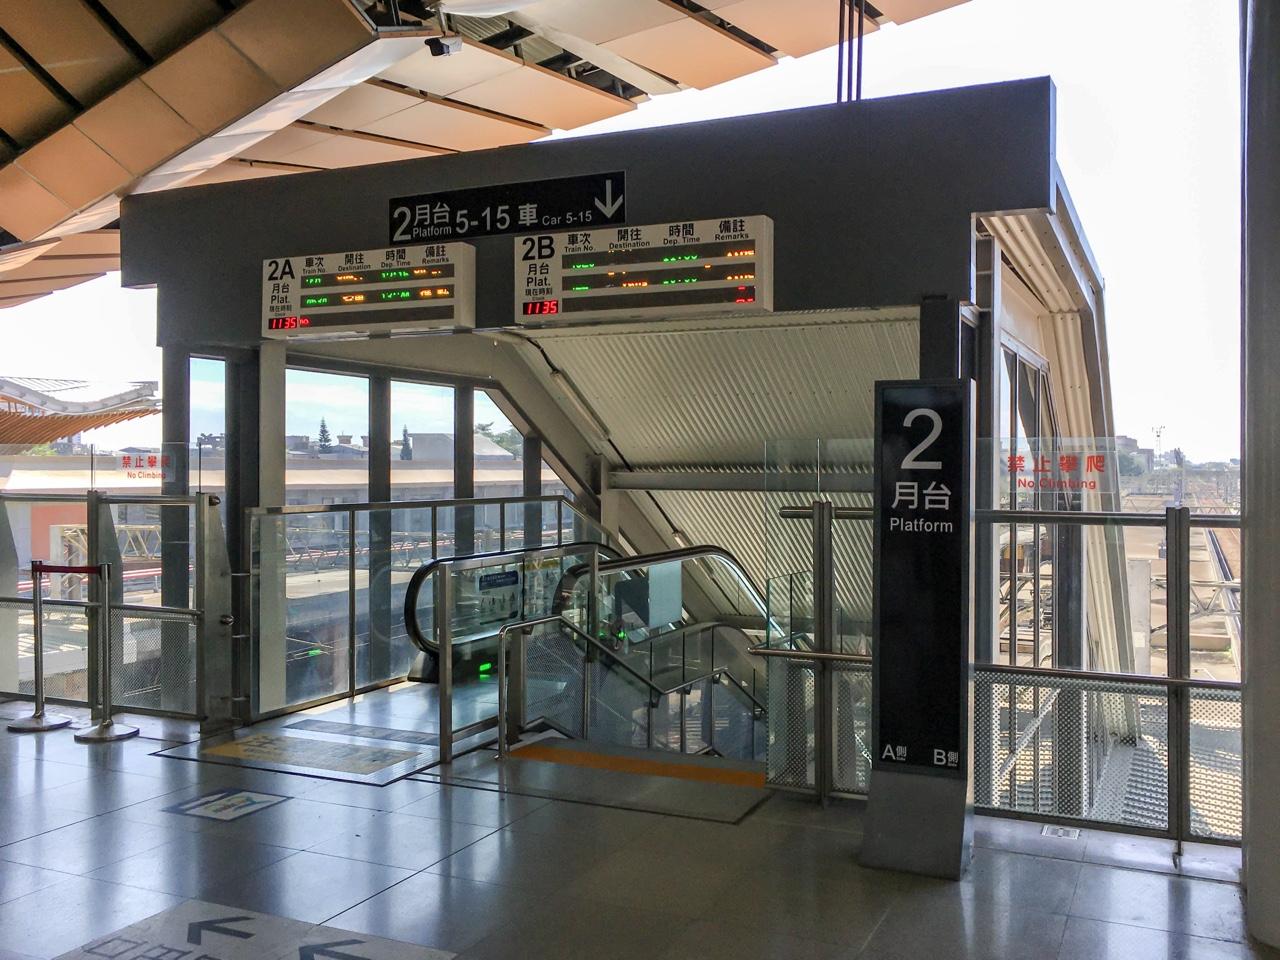 花蓮駅2番プラットホーム入口